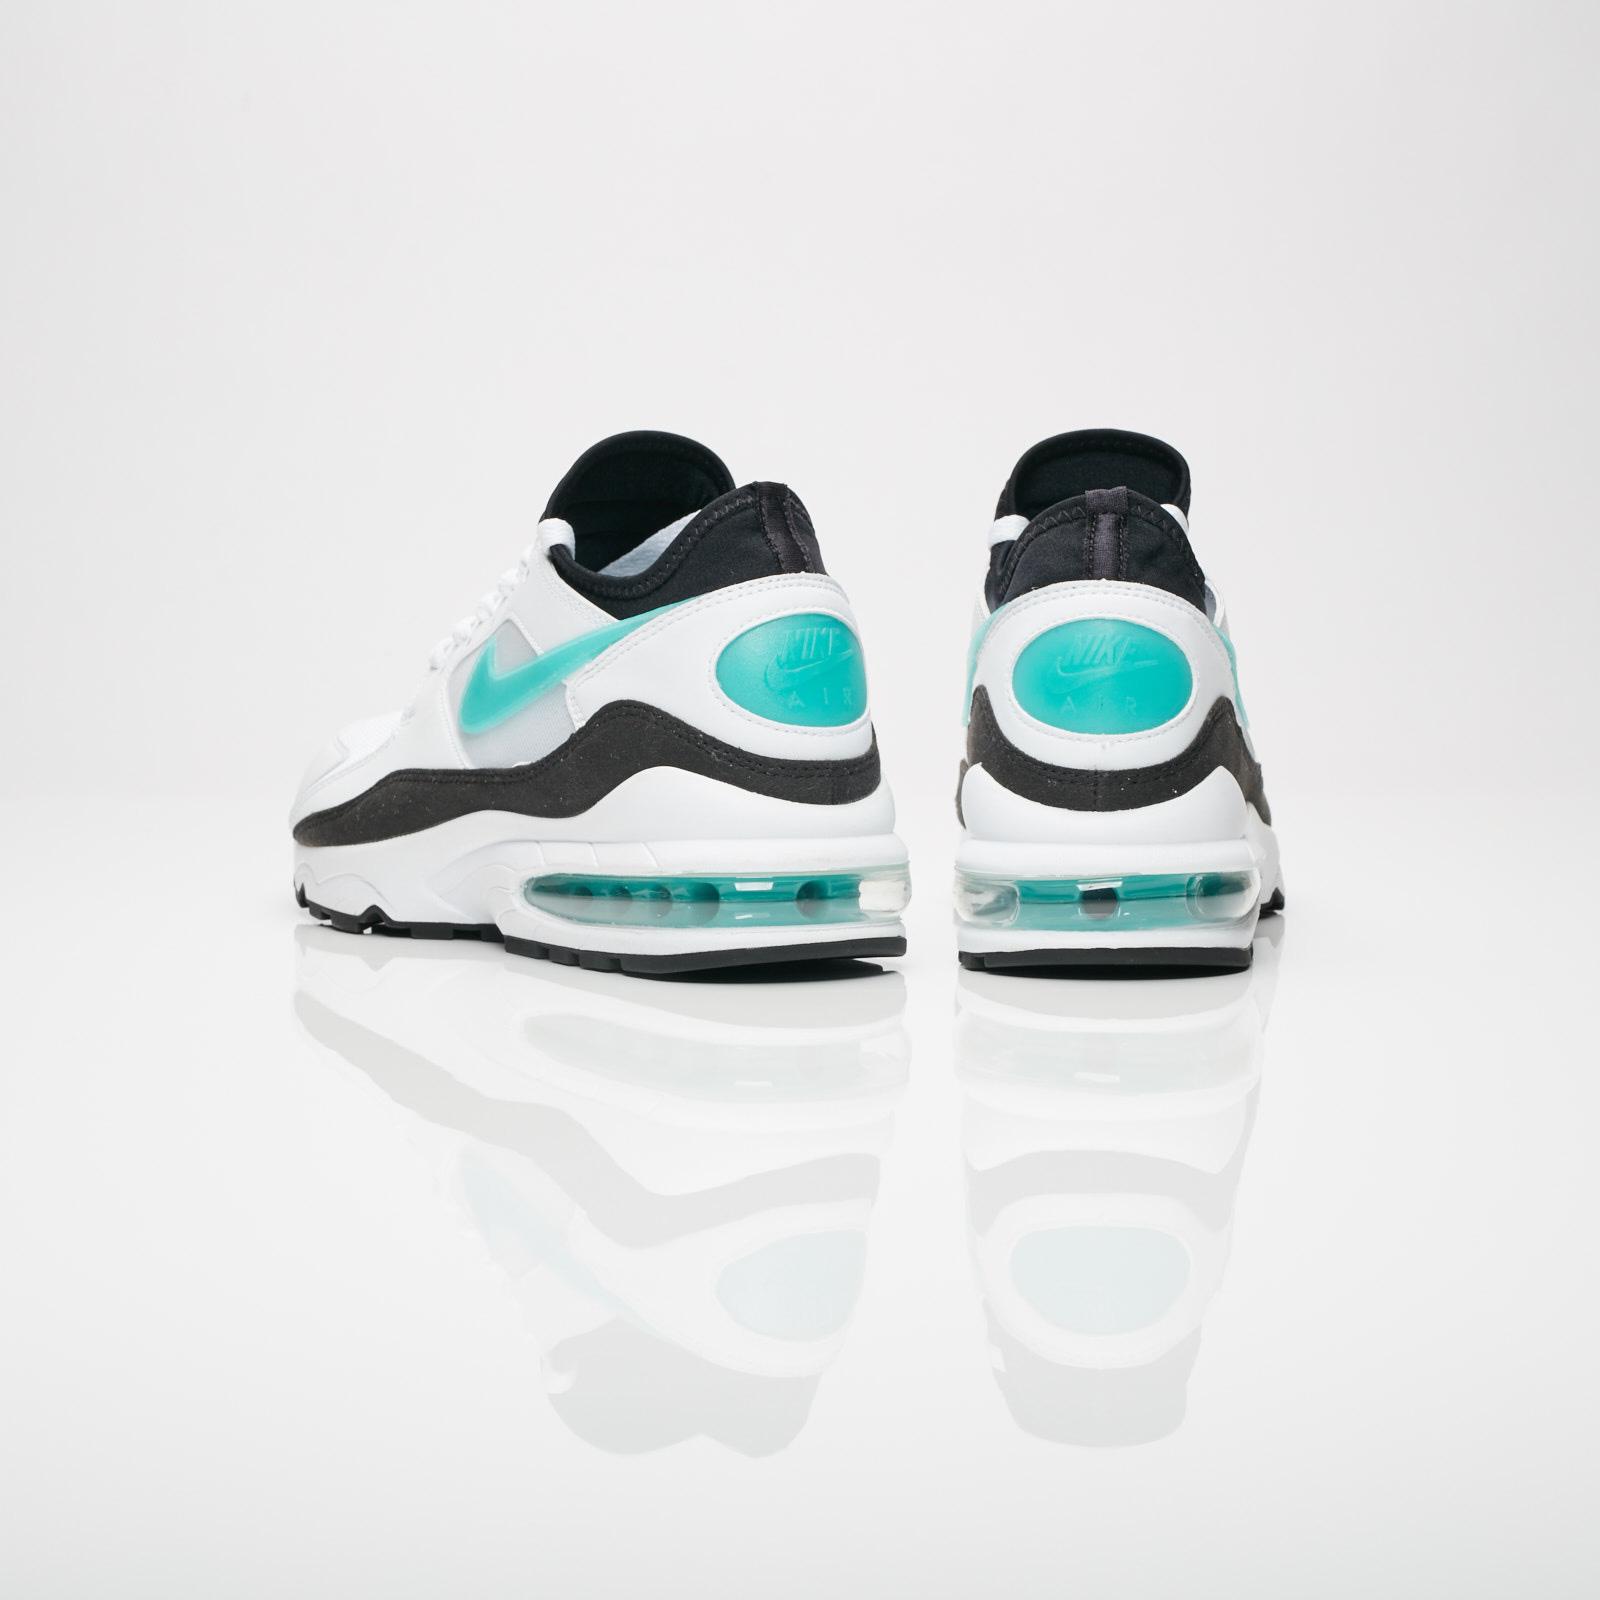 4777becf4a Nike Air Max 93 - 306551-107 - Sneakersnstuff | sneakers & streetwear  online since 1999